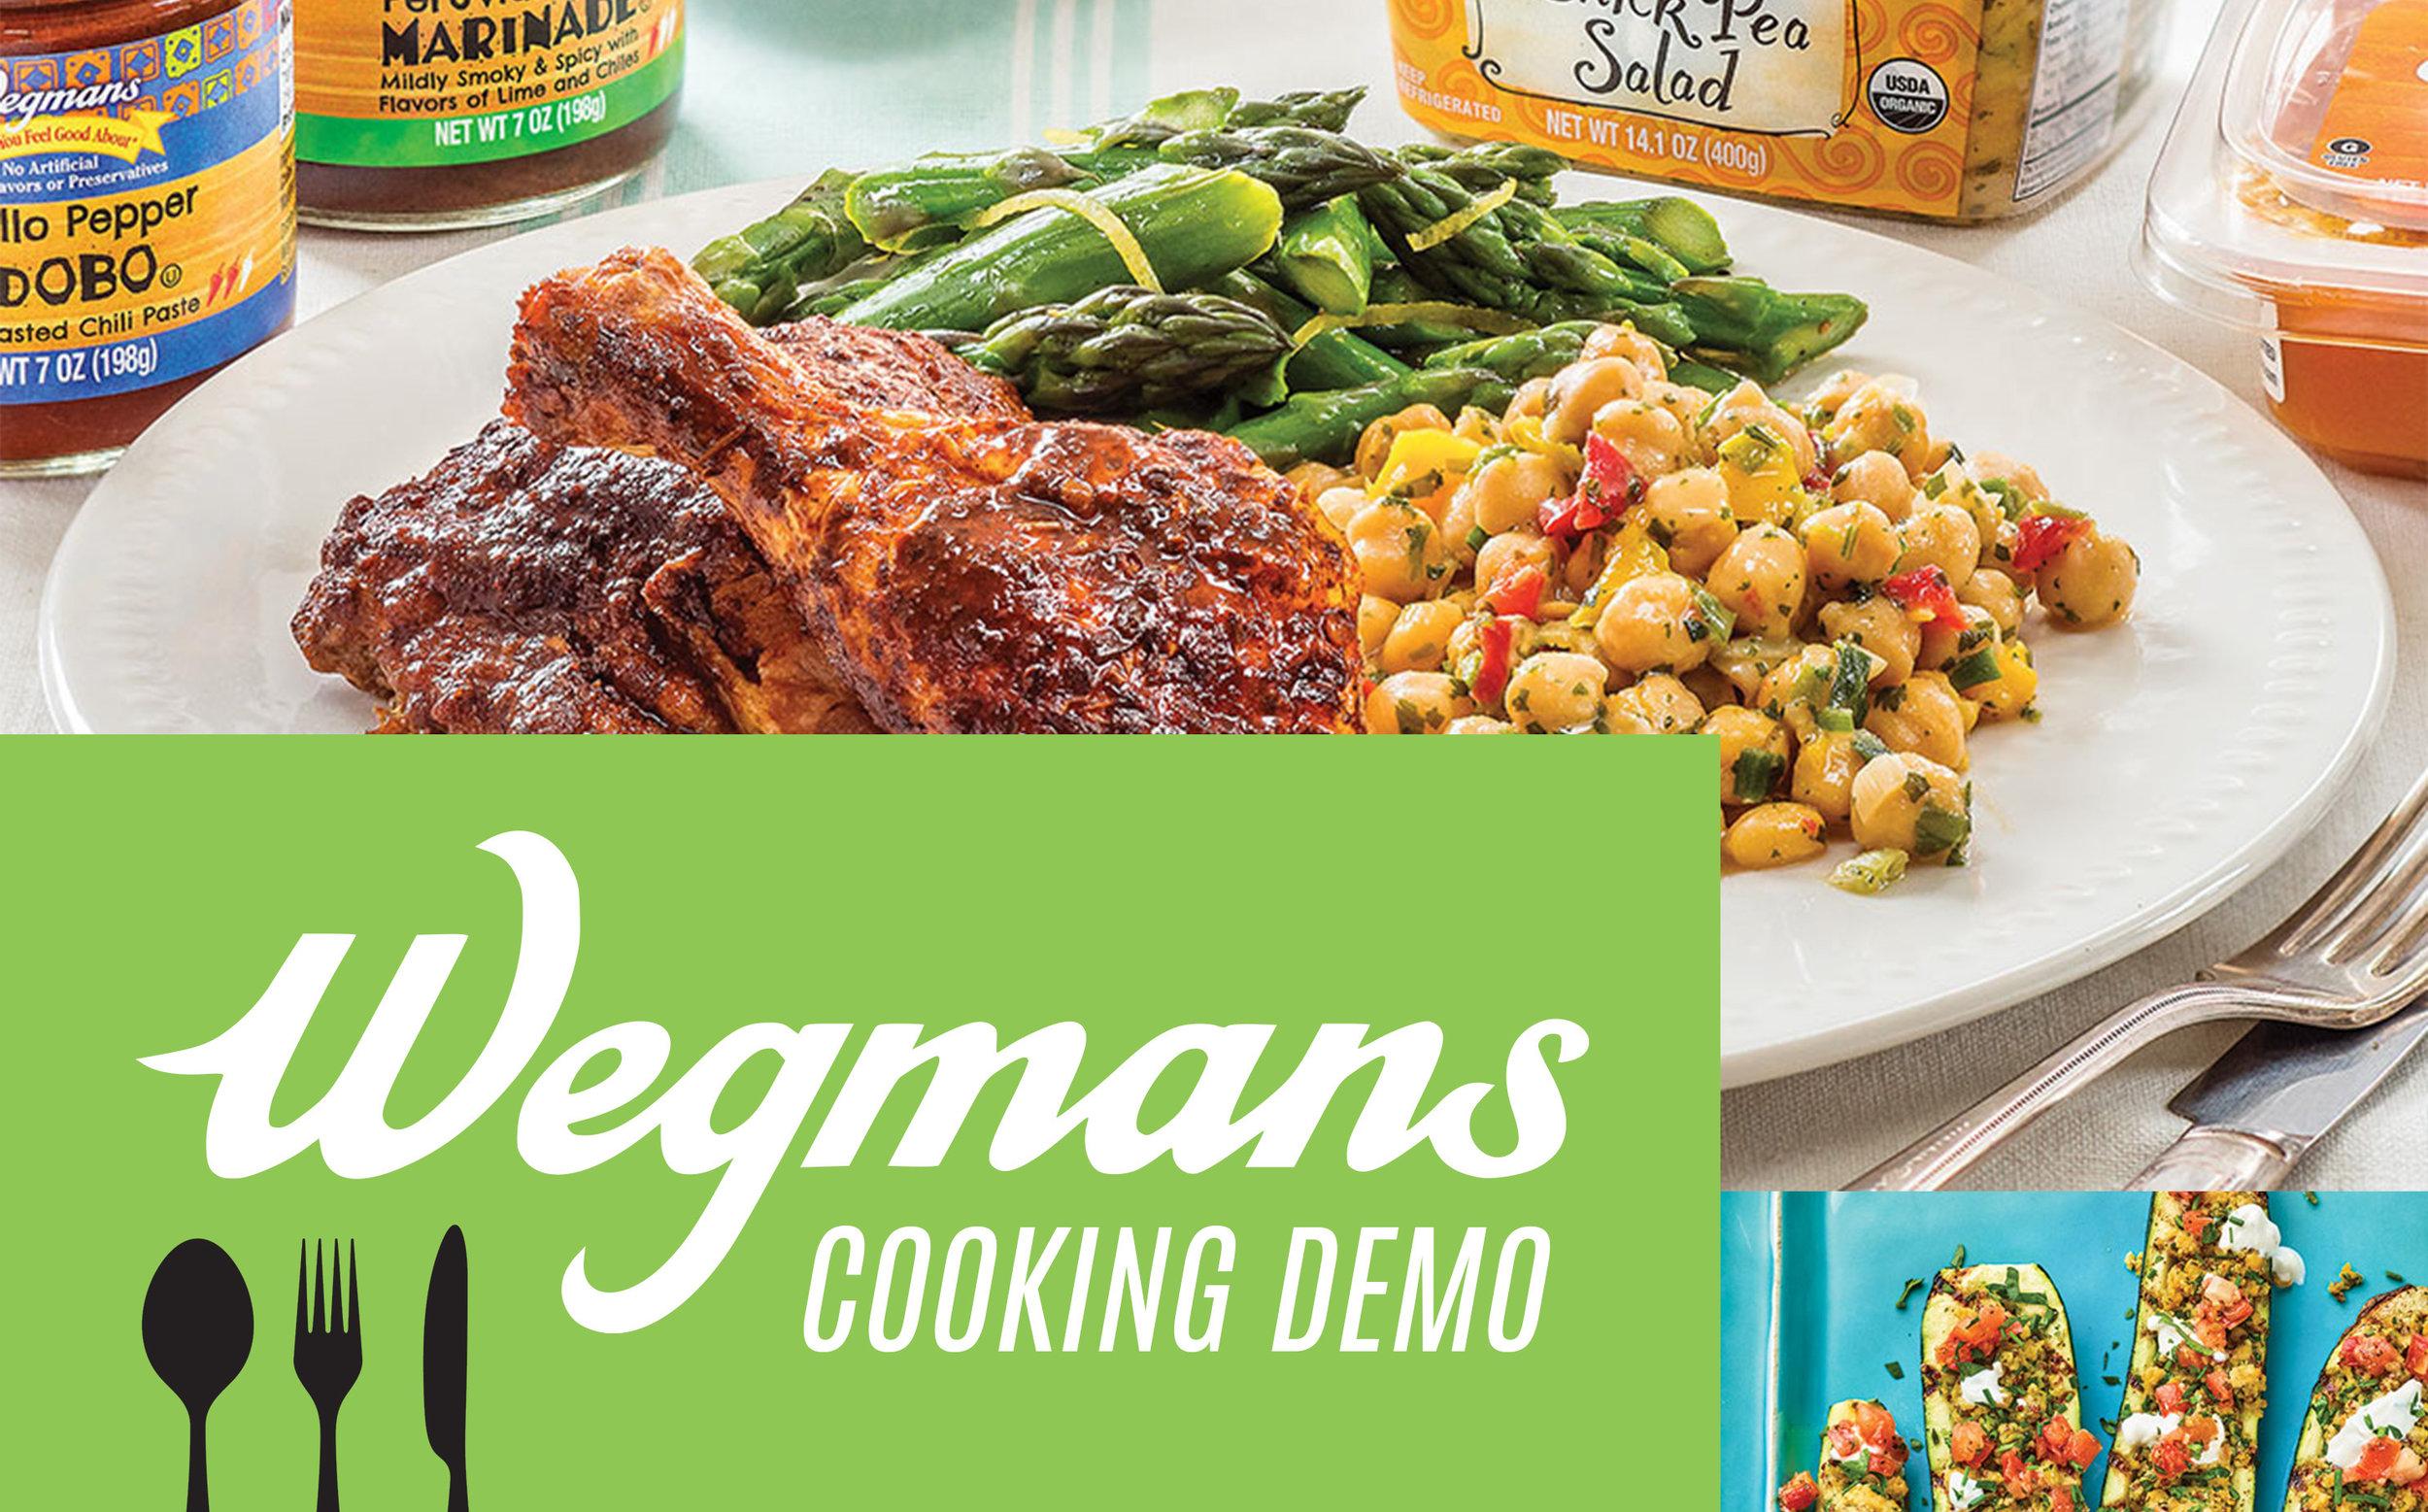 Wegmans Cooking Demo.jpg